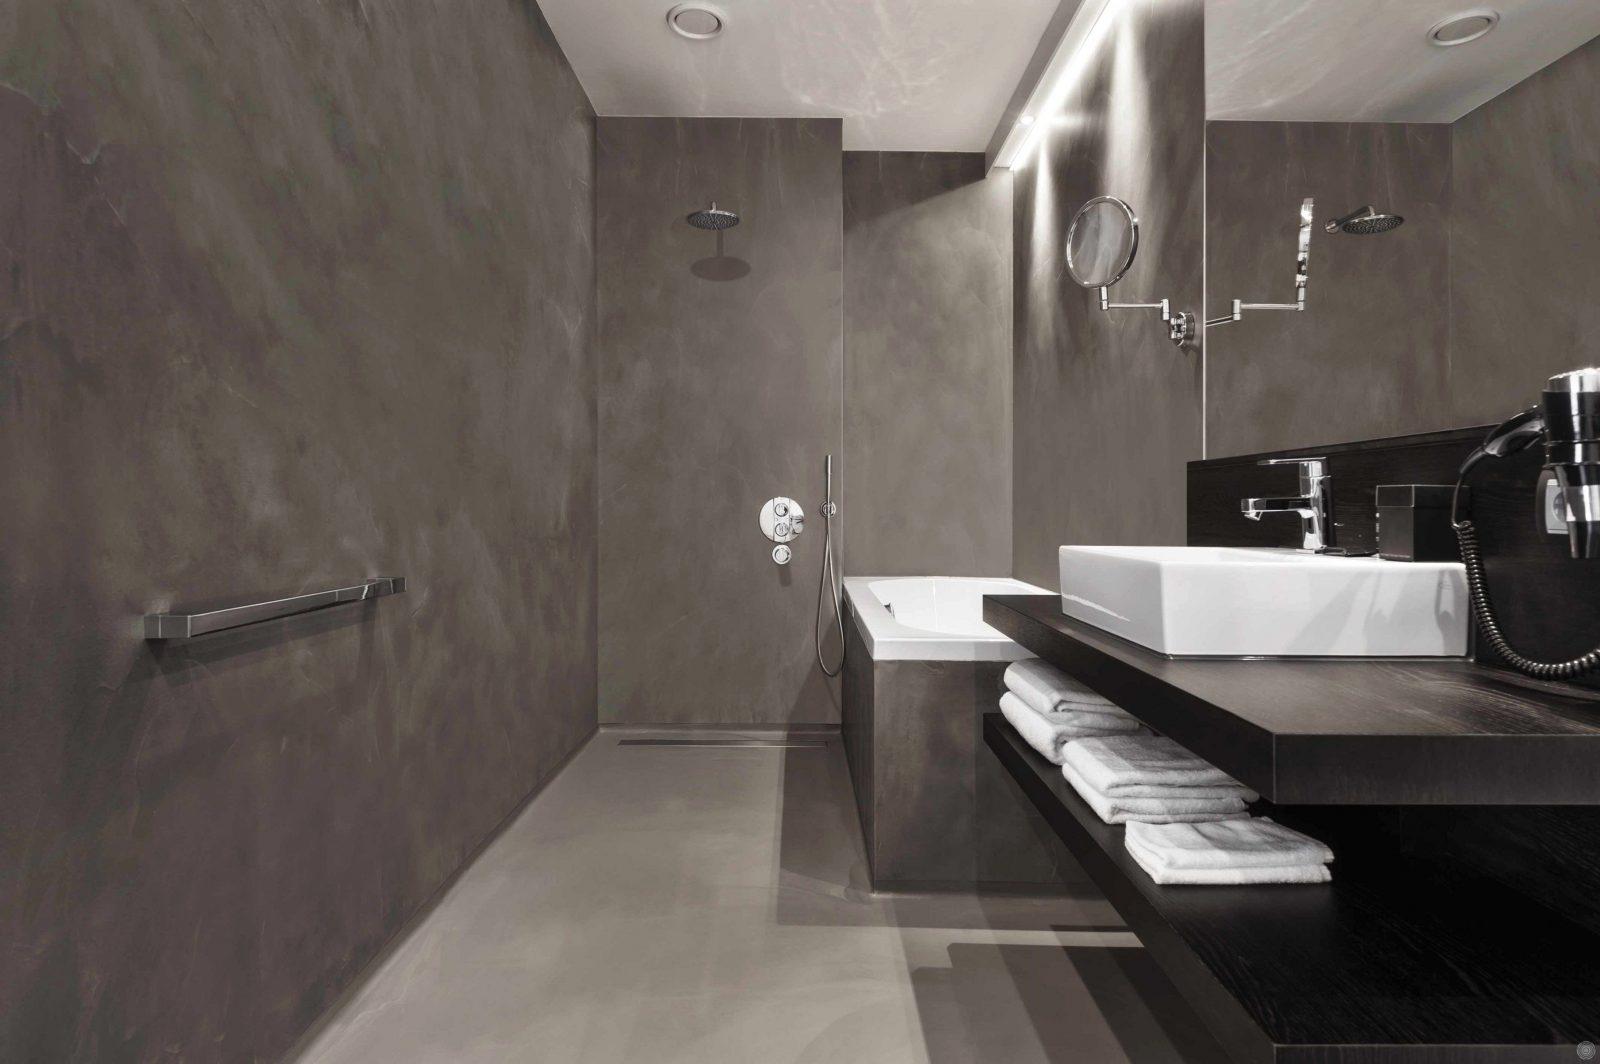 Duschecke Ohne Fliesen Mit Genial Wandverkleidung Dusche Und Beste von Wandverkleidung Dusche Ohne Fliesen Photo